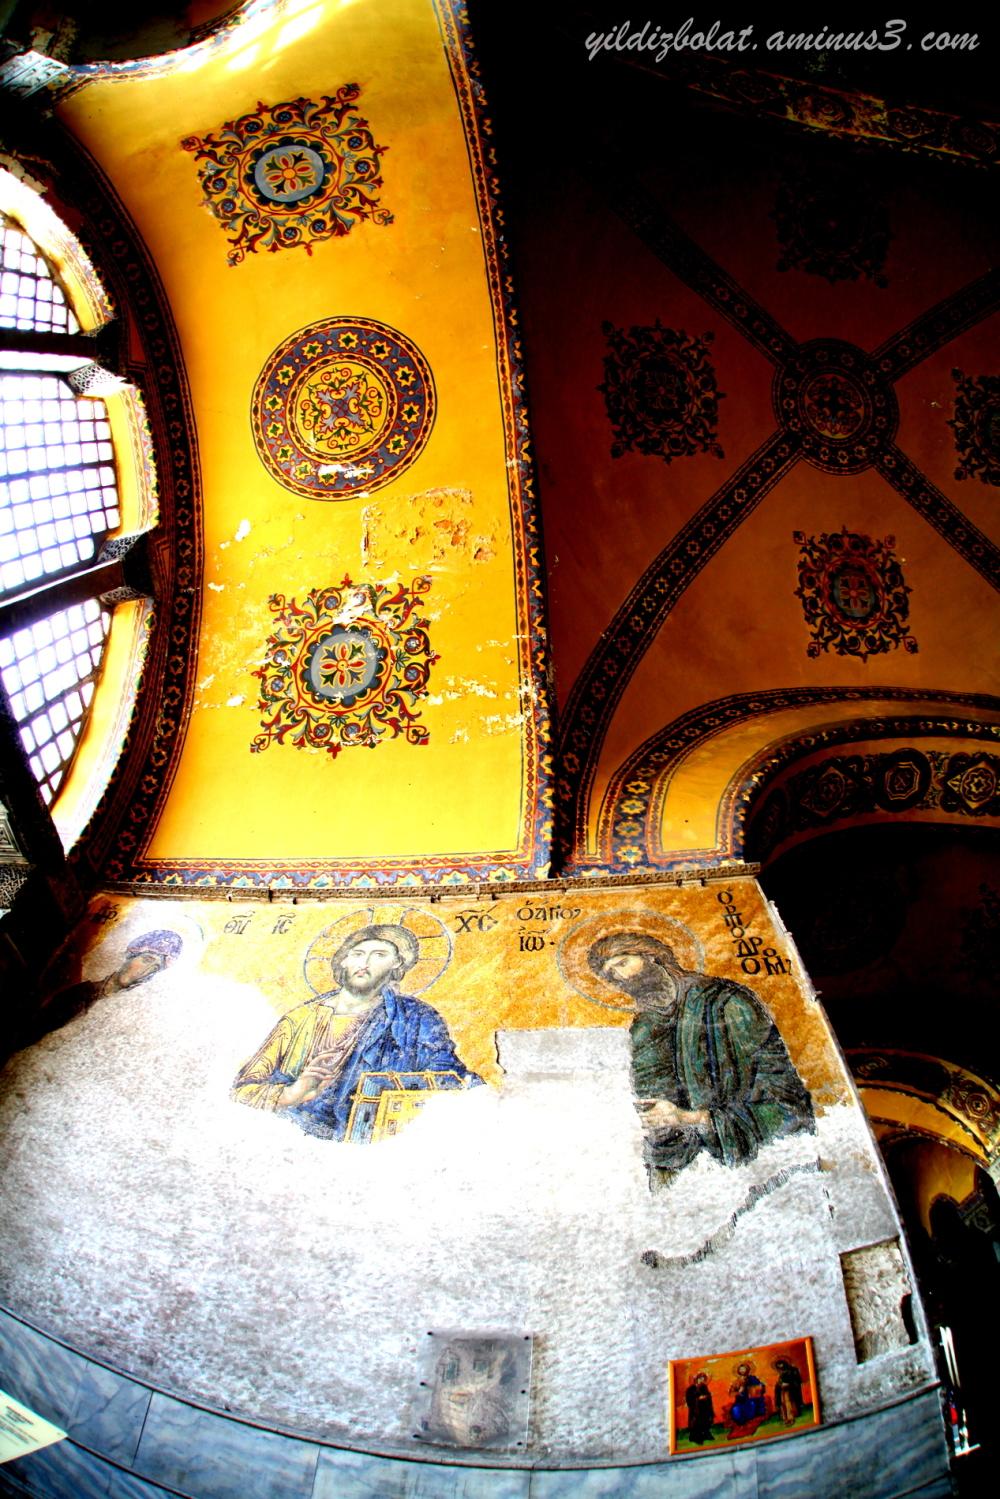 basilica constantinopole